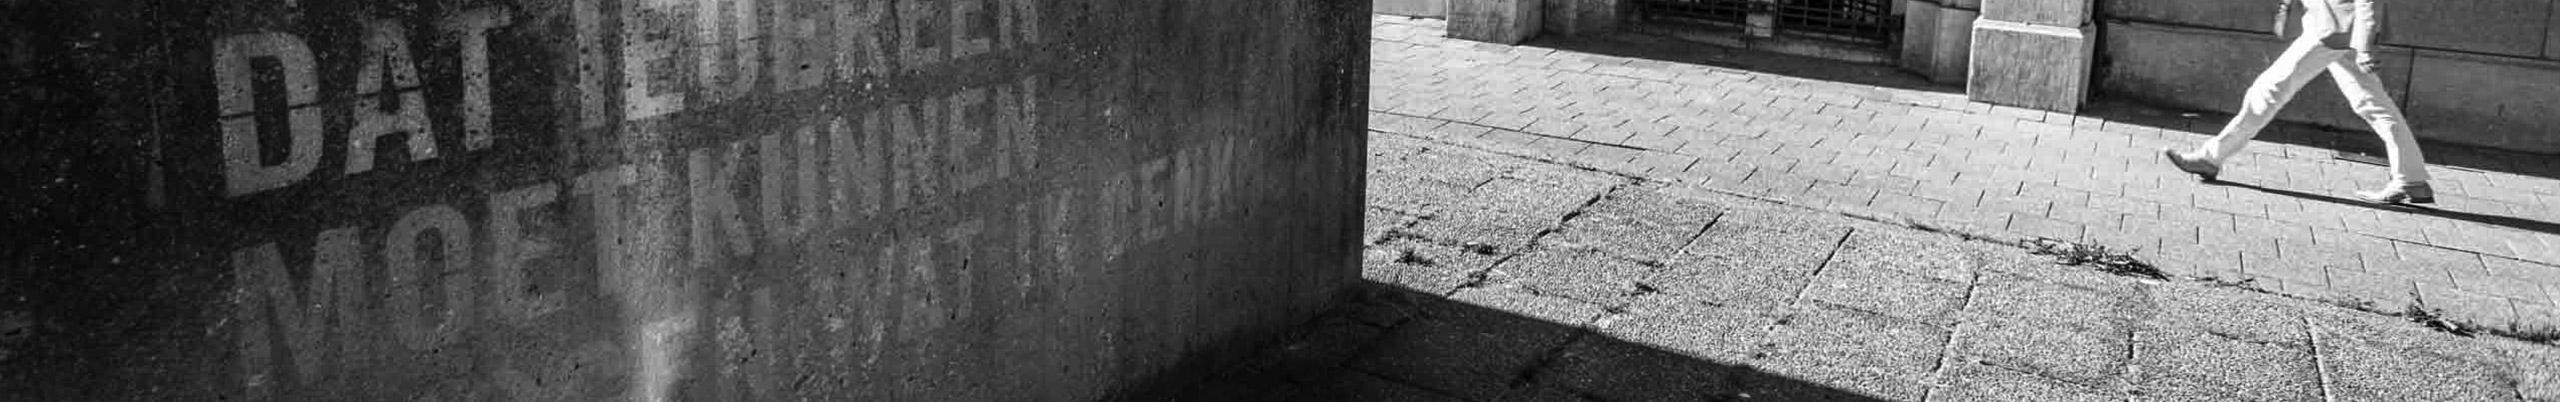 """Kunstwerk """"De nooduitgang"""" van Jan van Munster"""